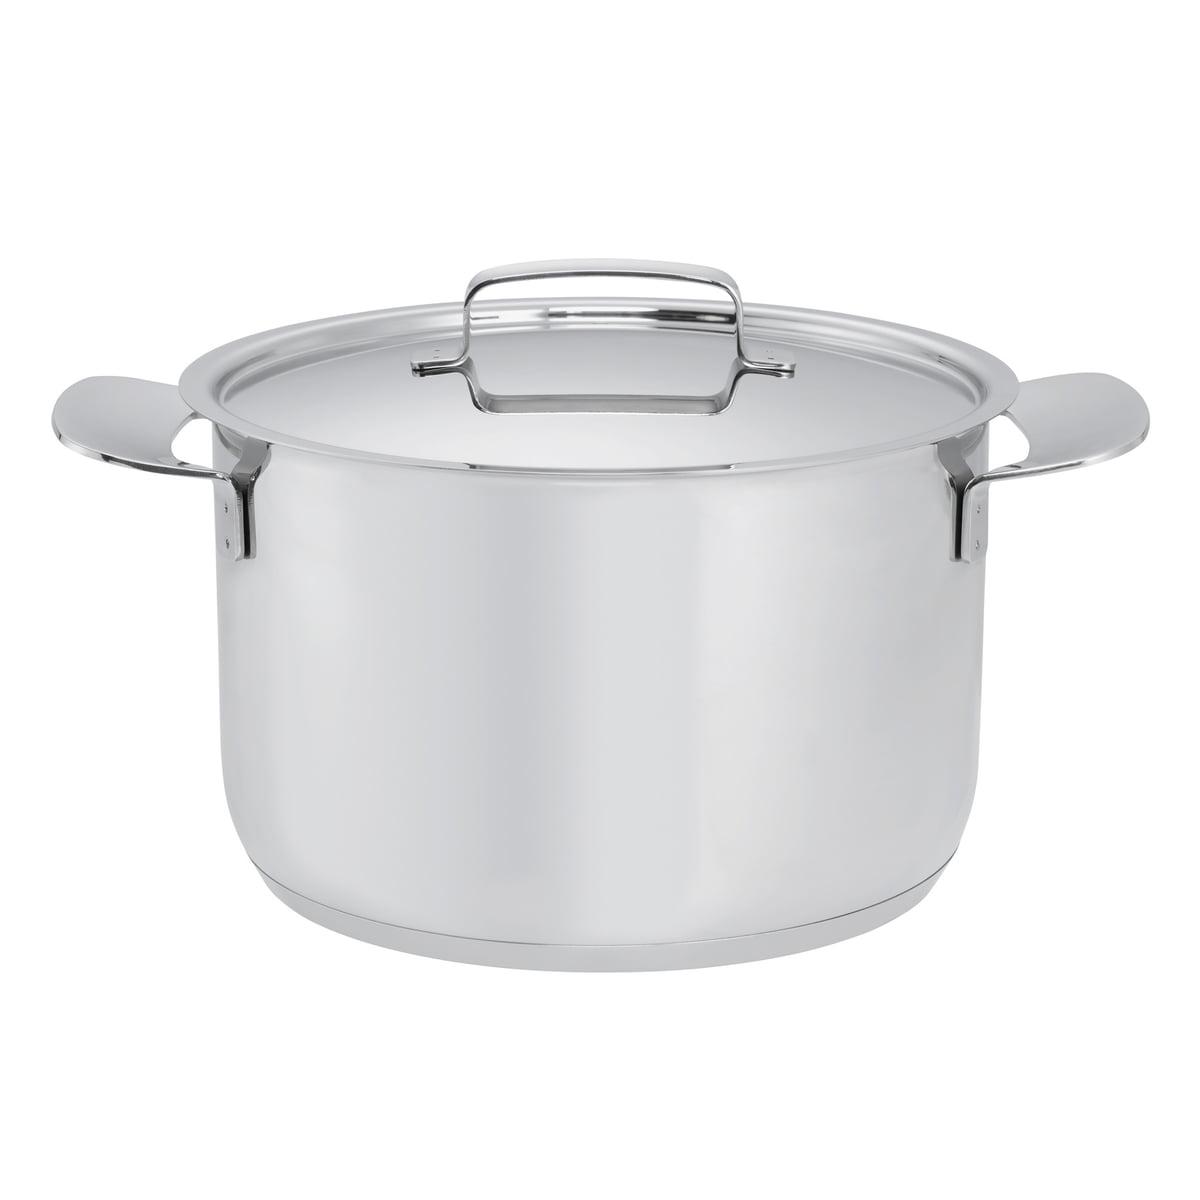 Fiskars - All Steel Topf mit Deckel, 5 Liter   Küche und Esszimmer > Kochen und Backen > Töpfe   Fiskars